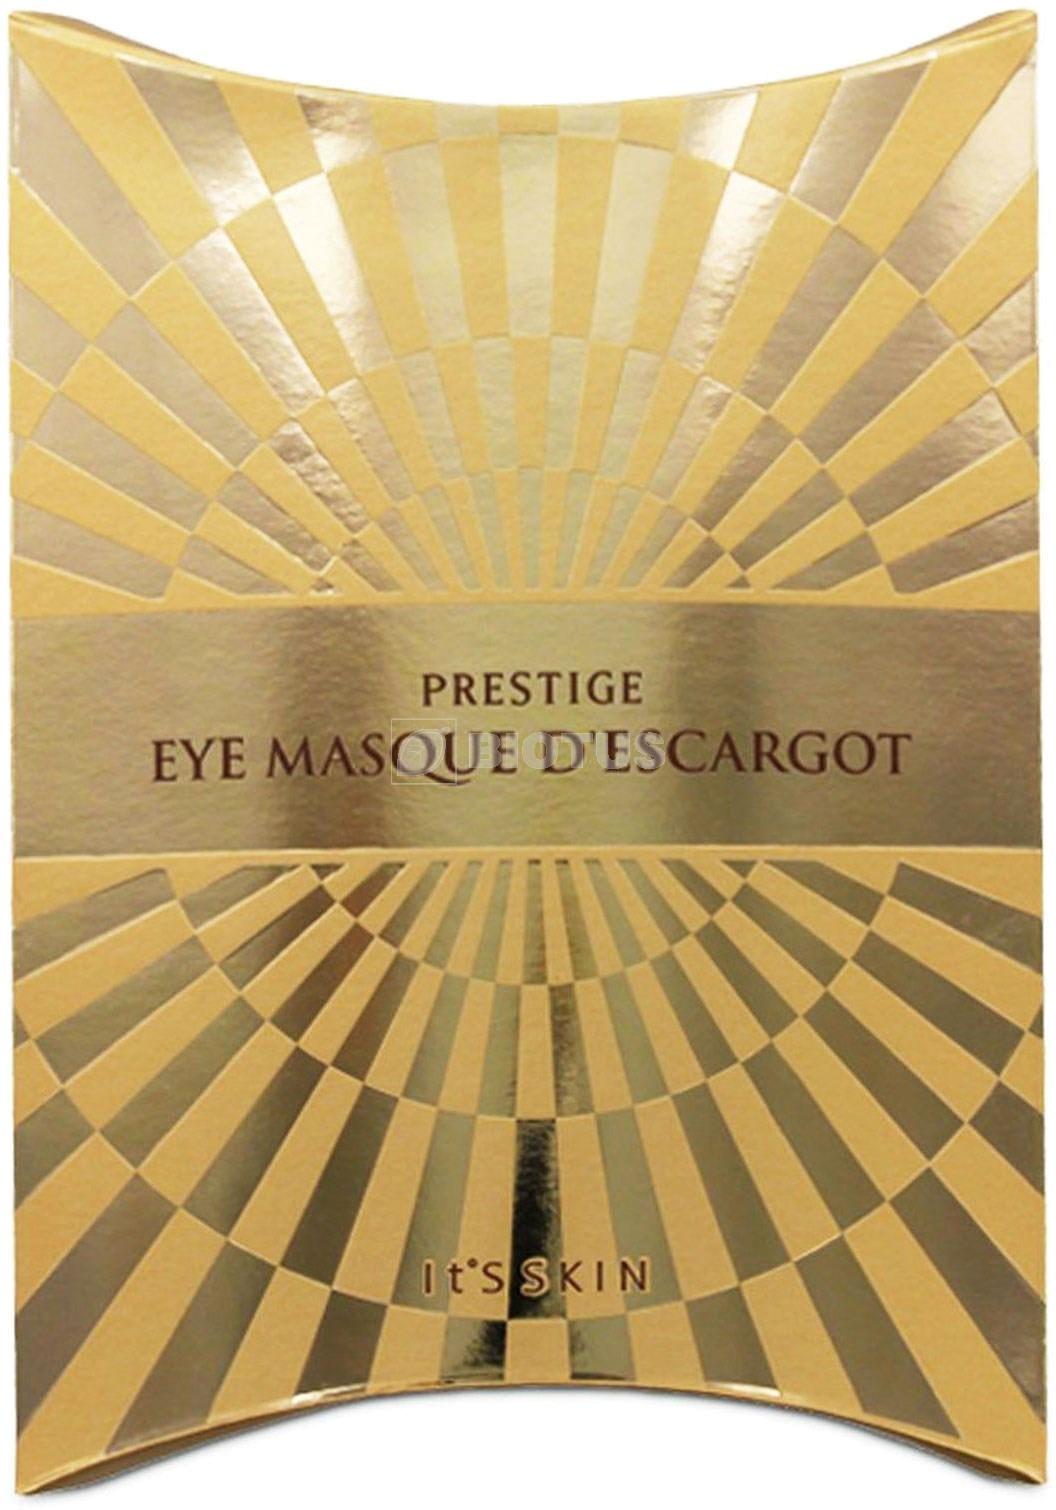 Its Skin Prestige Eye Masque DescargotВся сила улиточной слизи собрана в одной регенерирующей маске Prestige Eye Masque D&amp;#39;escargot от корейского бренда It&amp;#39;s Skin. Целебные свойства улиточного муцина до конца еще не изучены, однако, регенерирующие свойства этого компонента поражают. Глубоко воздействуя на кожу муцин активирует синтез коллагена, визуально подтягивает контуры и заполняет мимические и возрастные морщины. Помогает уменьшить глубину и выраженность даже очень глубоких морщин, делая кожу более привлекательной и сияющей. Натуральная тканевая основа маски выполнена из 100% хлопка, прилегая к коже он обеспечивает лучшее проникновение эликсира, сужает расширенные поры и успокаивает кожу. Комплексное действие продукта направлено не только на устранение, но и предотвращение раннего старения кожи. Помогает &amp;laquo;запечатать&amp;raquo; влагу внутри клеток, предотвращая ее обезвоживание. Создает на поверхности кожи защитный барьер, препятствующий проникновению ультрафиолета, ионов металлов и инфекций. Клинически доказано, при регулярном использовании продукта кожа становится более эластичной, упругой и тонизированной. Исчезают морщинки, пигментация и воспаления.<br><br>&amp;nbsp;<br><br>Объём: 65 гр.<br><br>&amp;nbsp;<br><br>Способ применения:<br><br>На предварительно очищенную и тонизированную кожу нанесите маску и тщательно расправьте все складочки. Оставьте на 15 &amp;ndash; 20 минут, после чего аккуратно удалите, а остатки питательной эссенции нежно вотрите в кожу.<br>